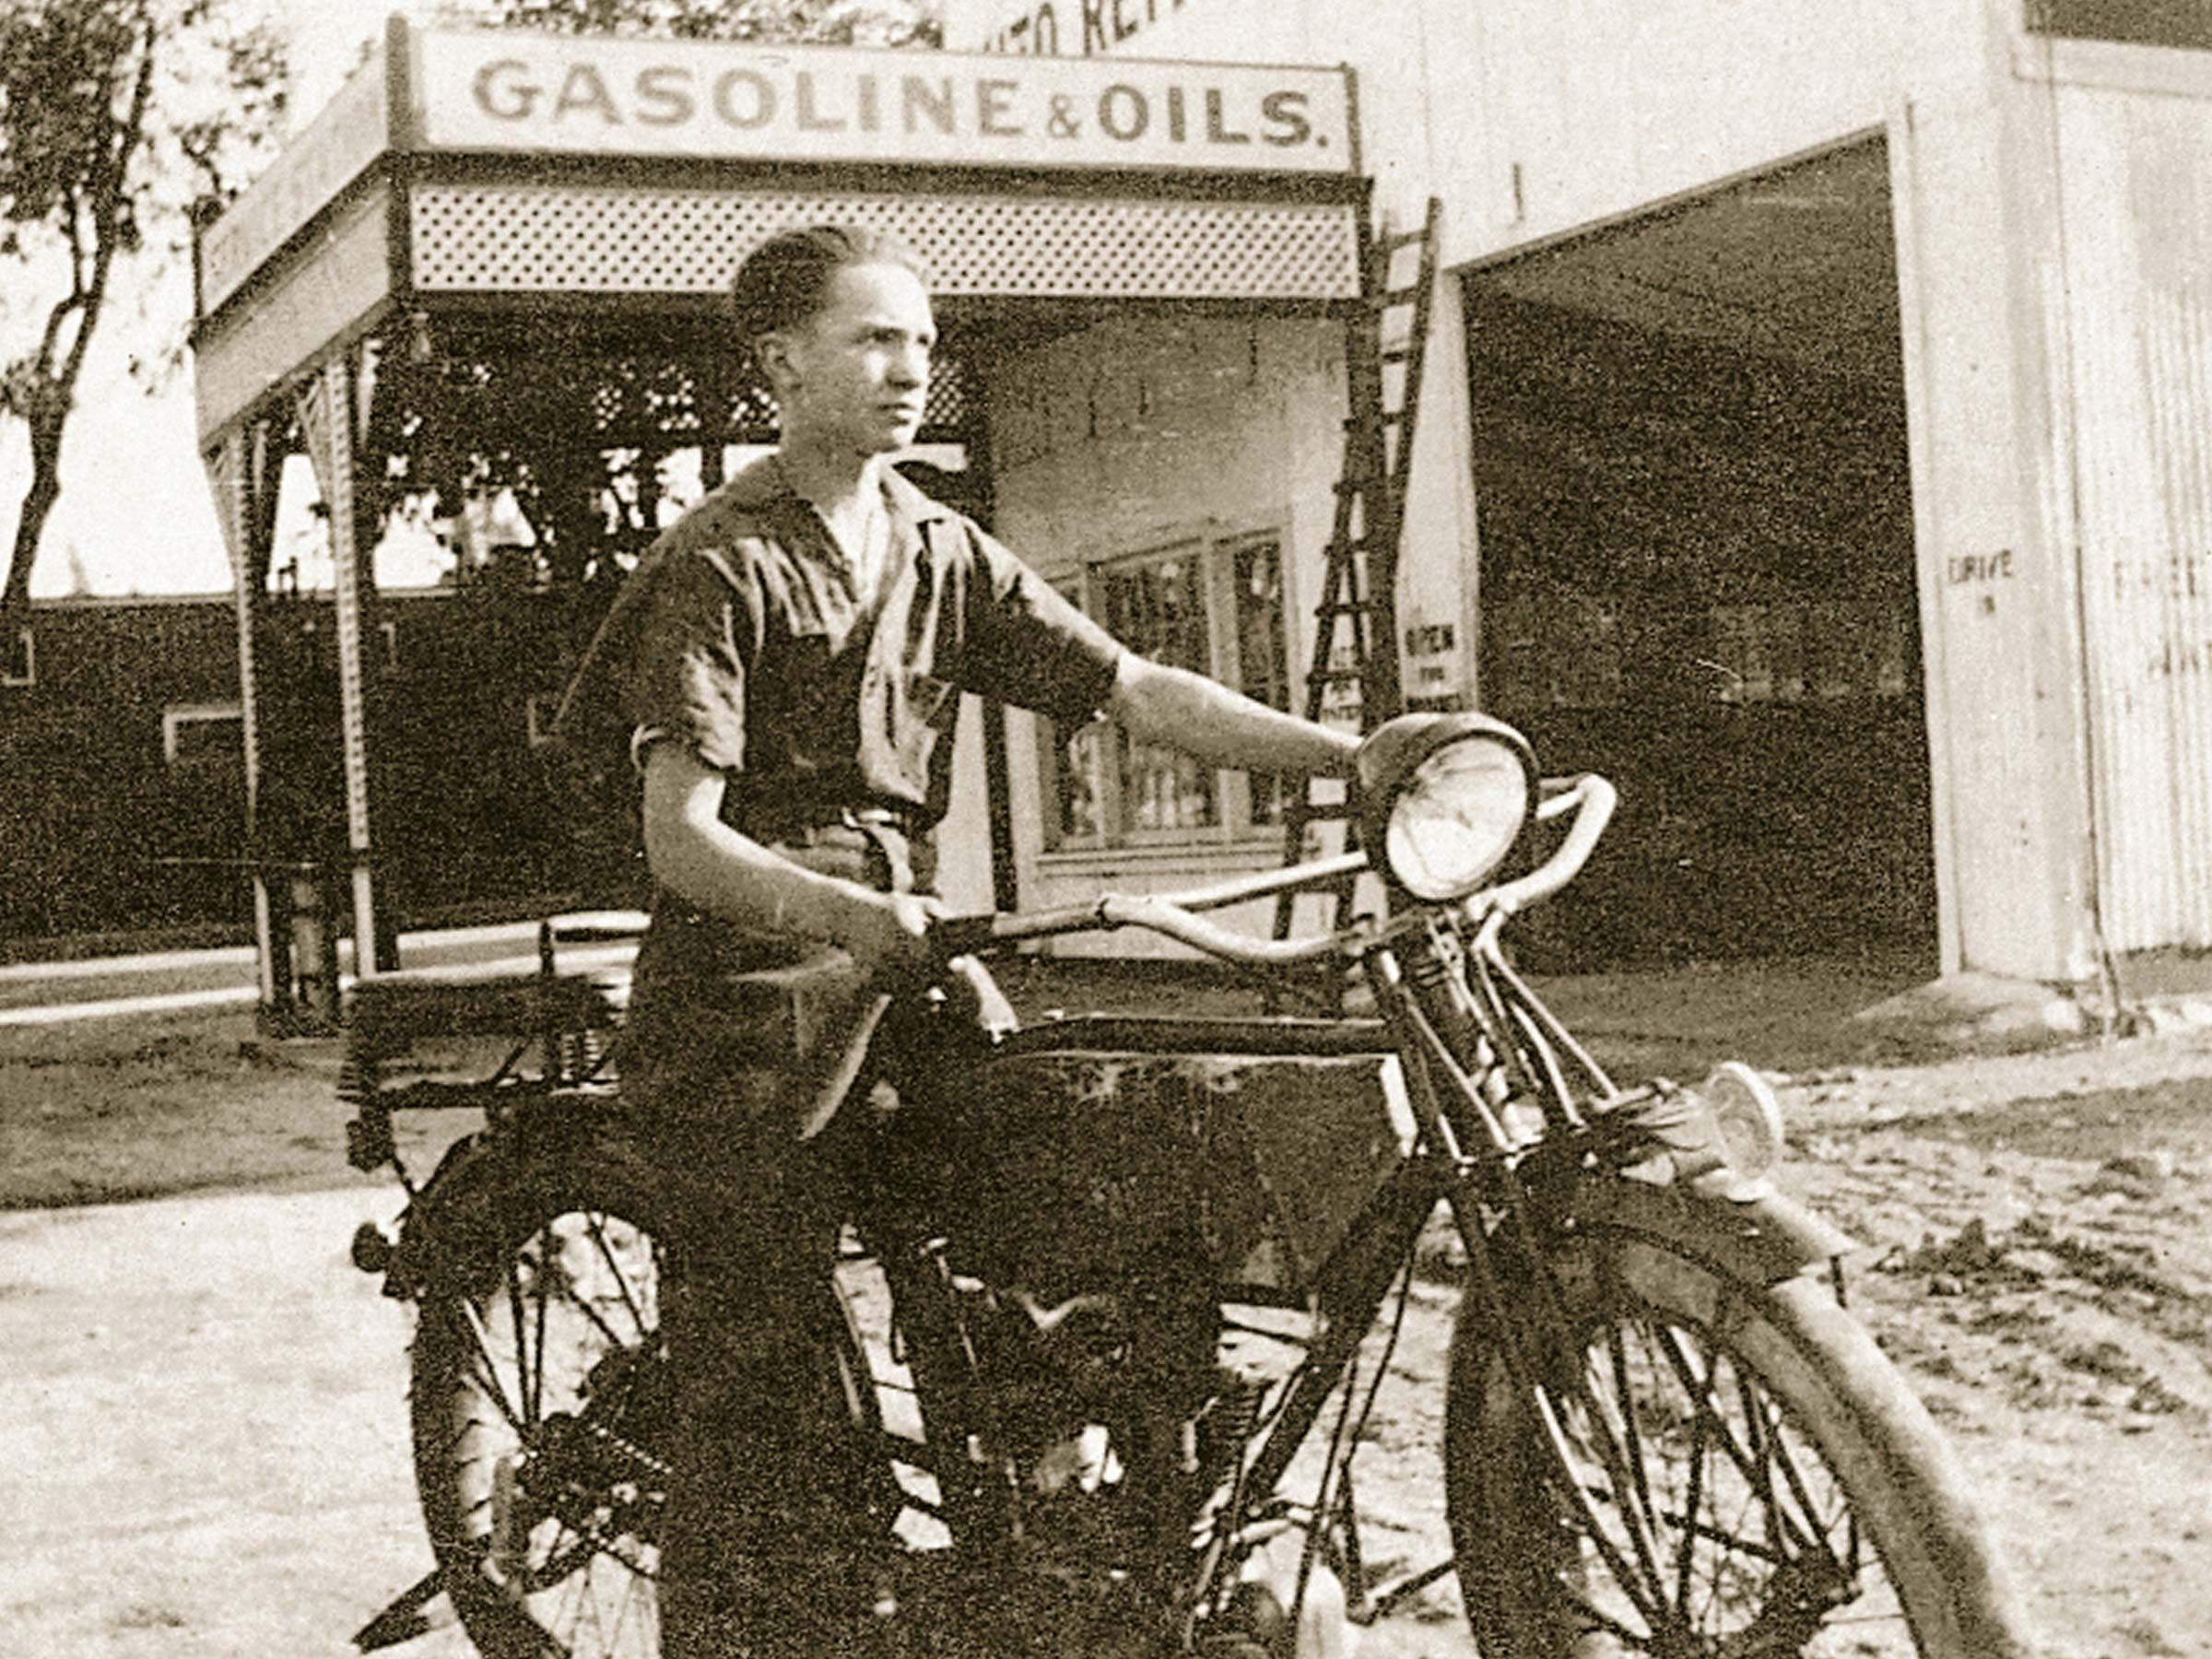 vintage motorcycle